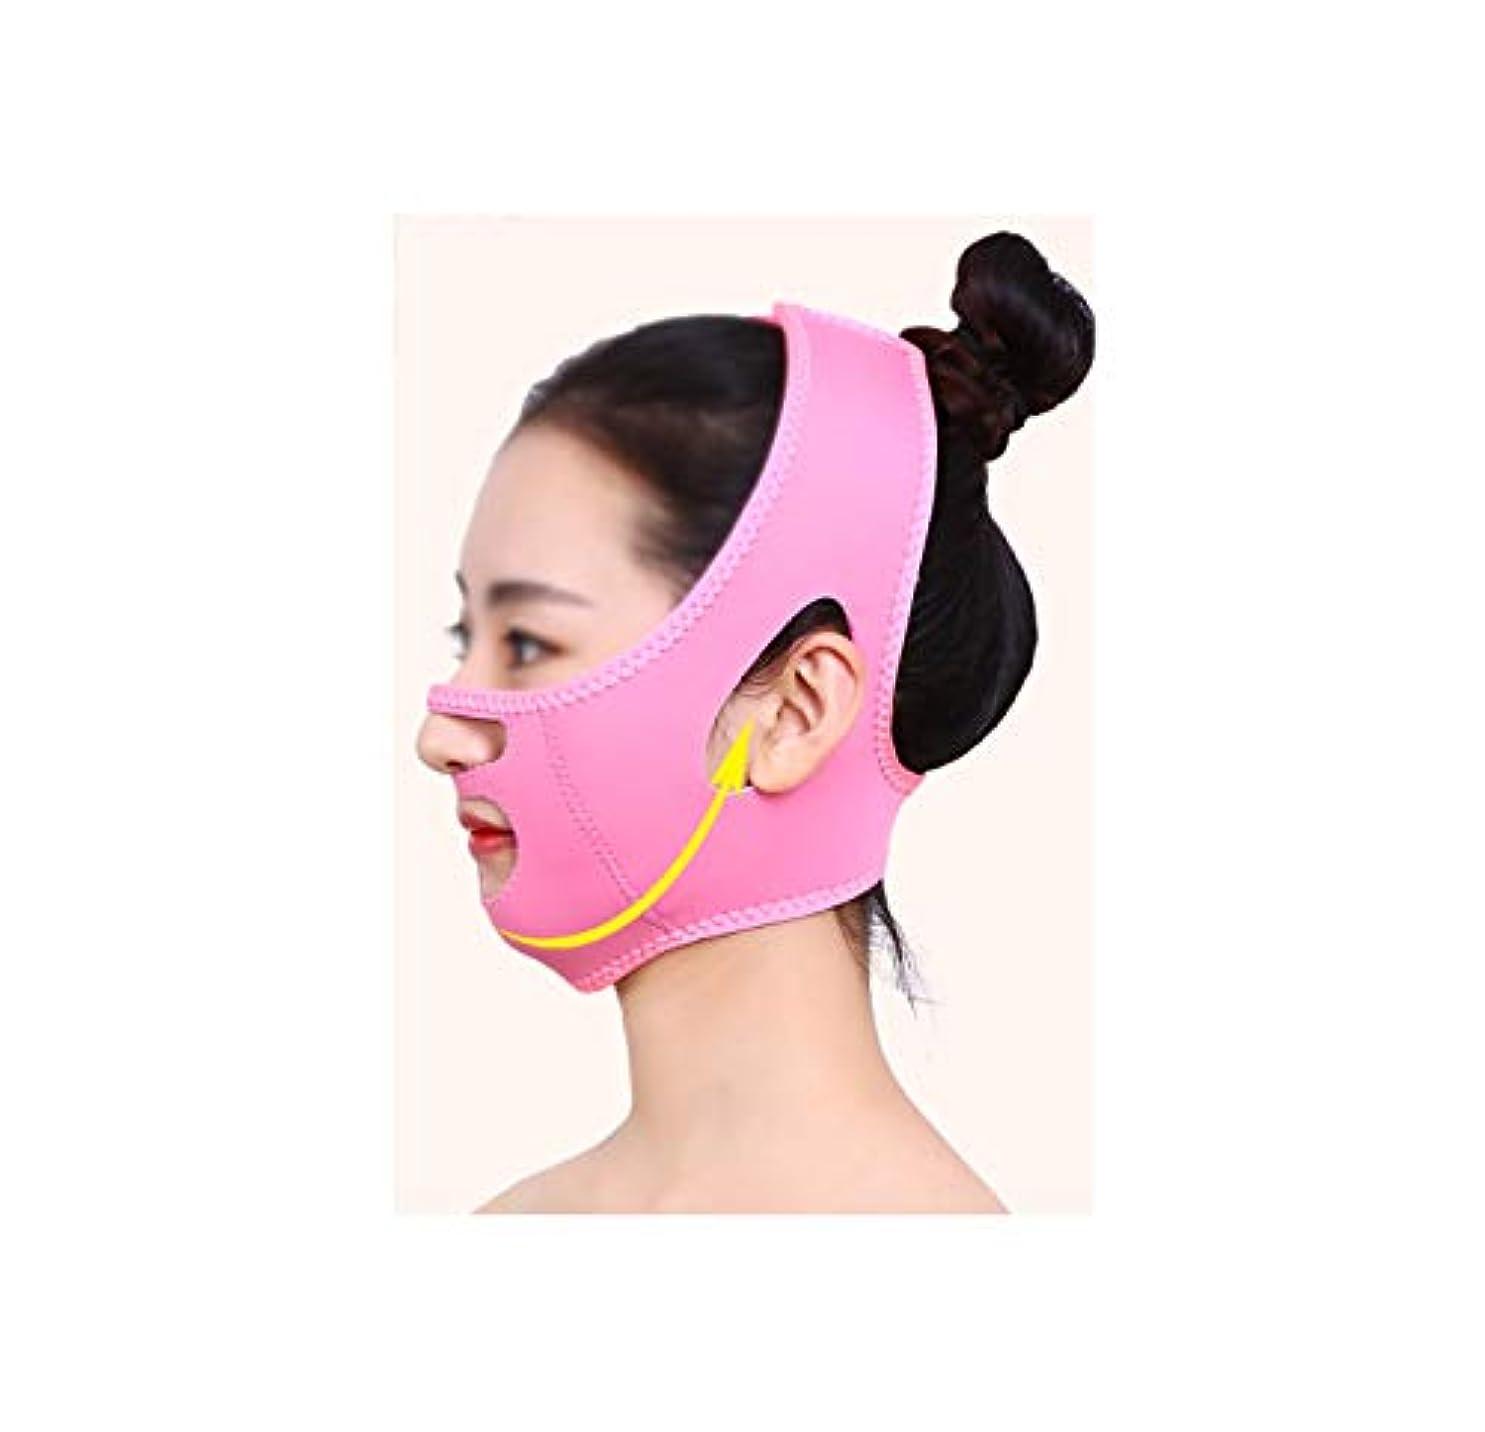 ストリーム葉匹敵しますGLJJQMY 薄い顔マスクマスク顔機美容機器ローラー顔薄い顔Vフェイスマスク二重あご包帯アーティファクト 顔用整形マスク